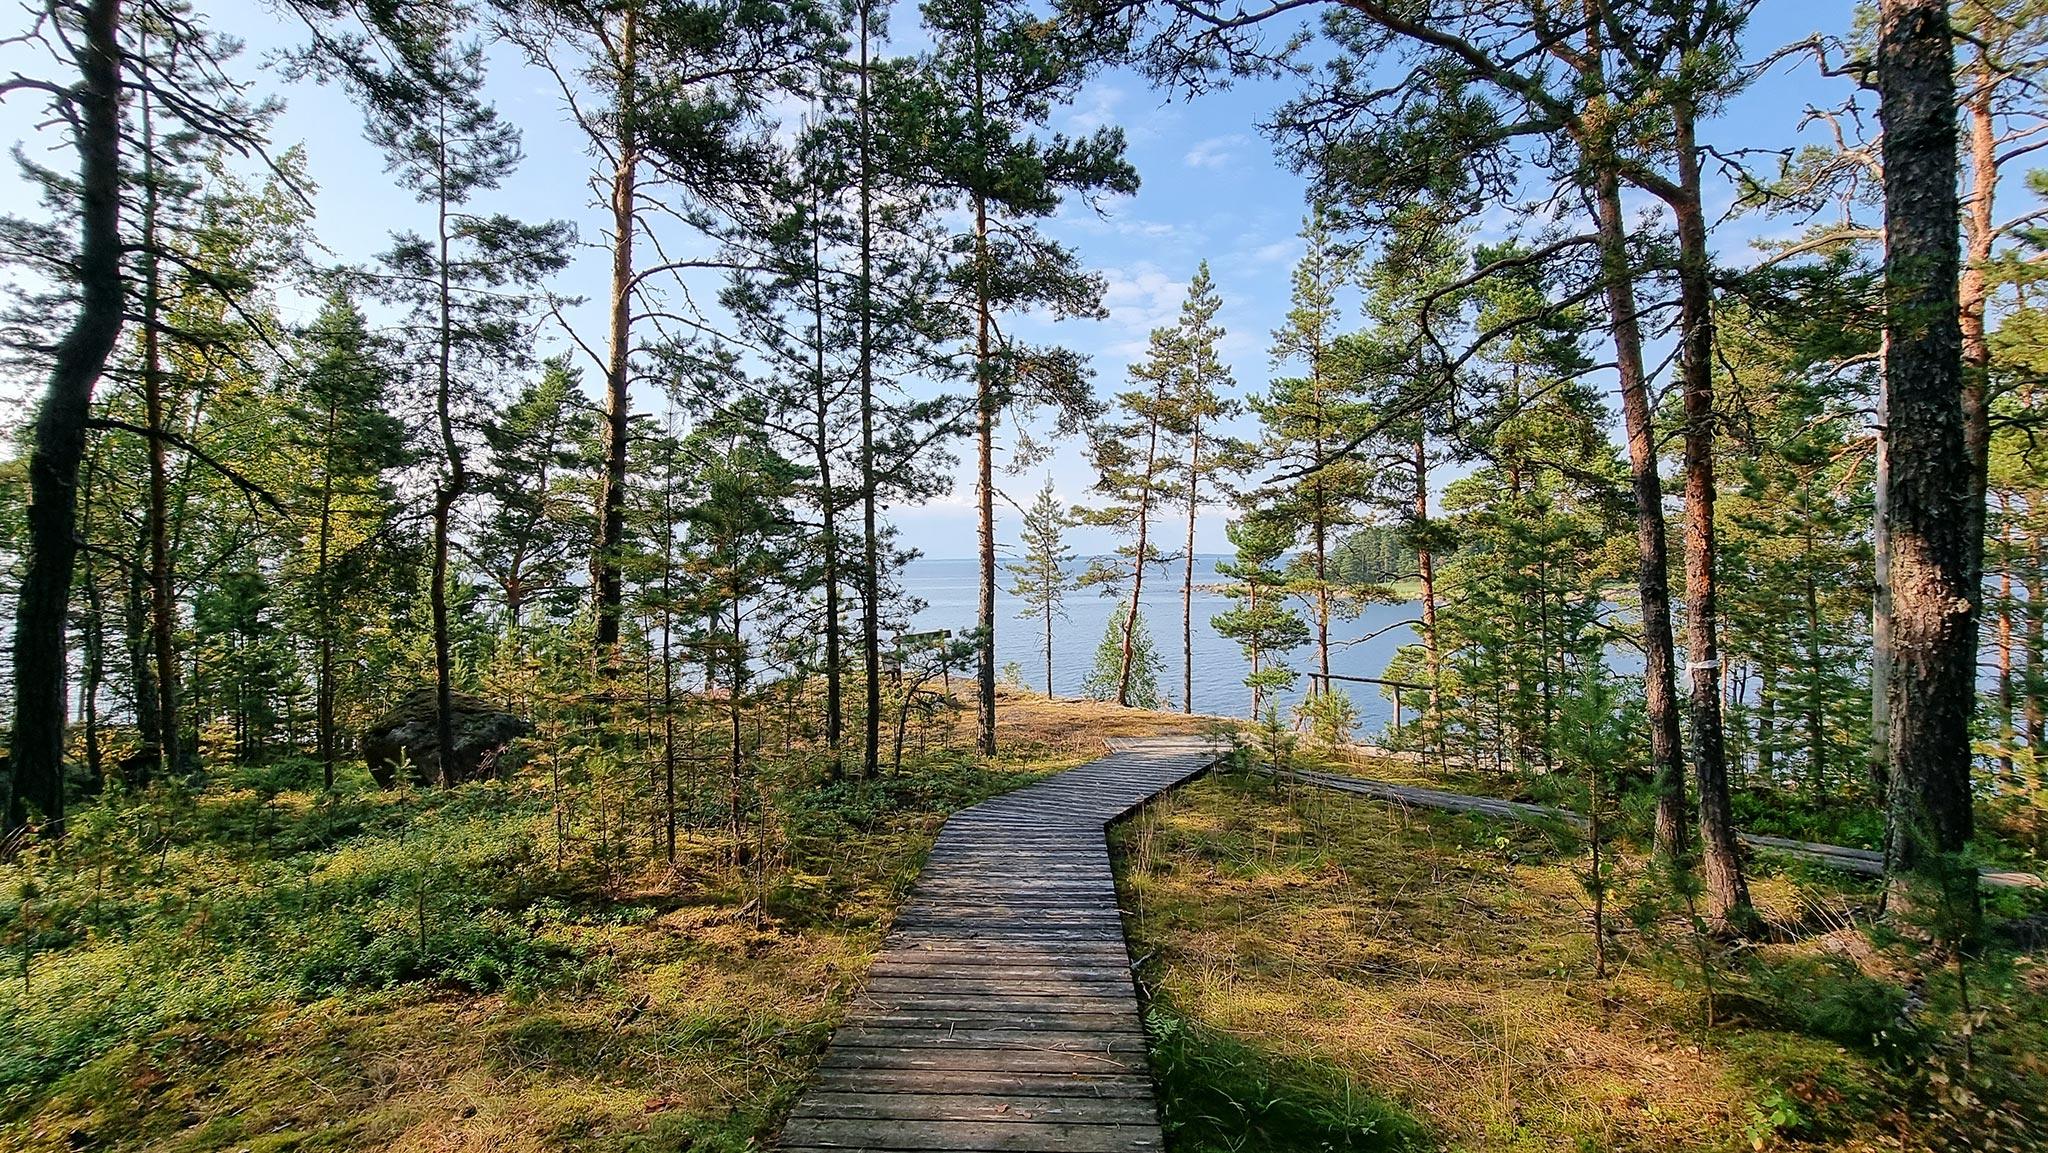 Liikkumista saaristokylässä helpottavat metsäiseen maastoon rakennetut puiset polut, jotka myös näyttävät tunnelmallisilta. Kuva: Päivi Arvonen